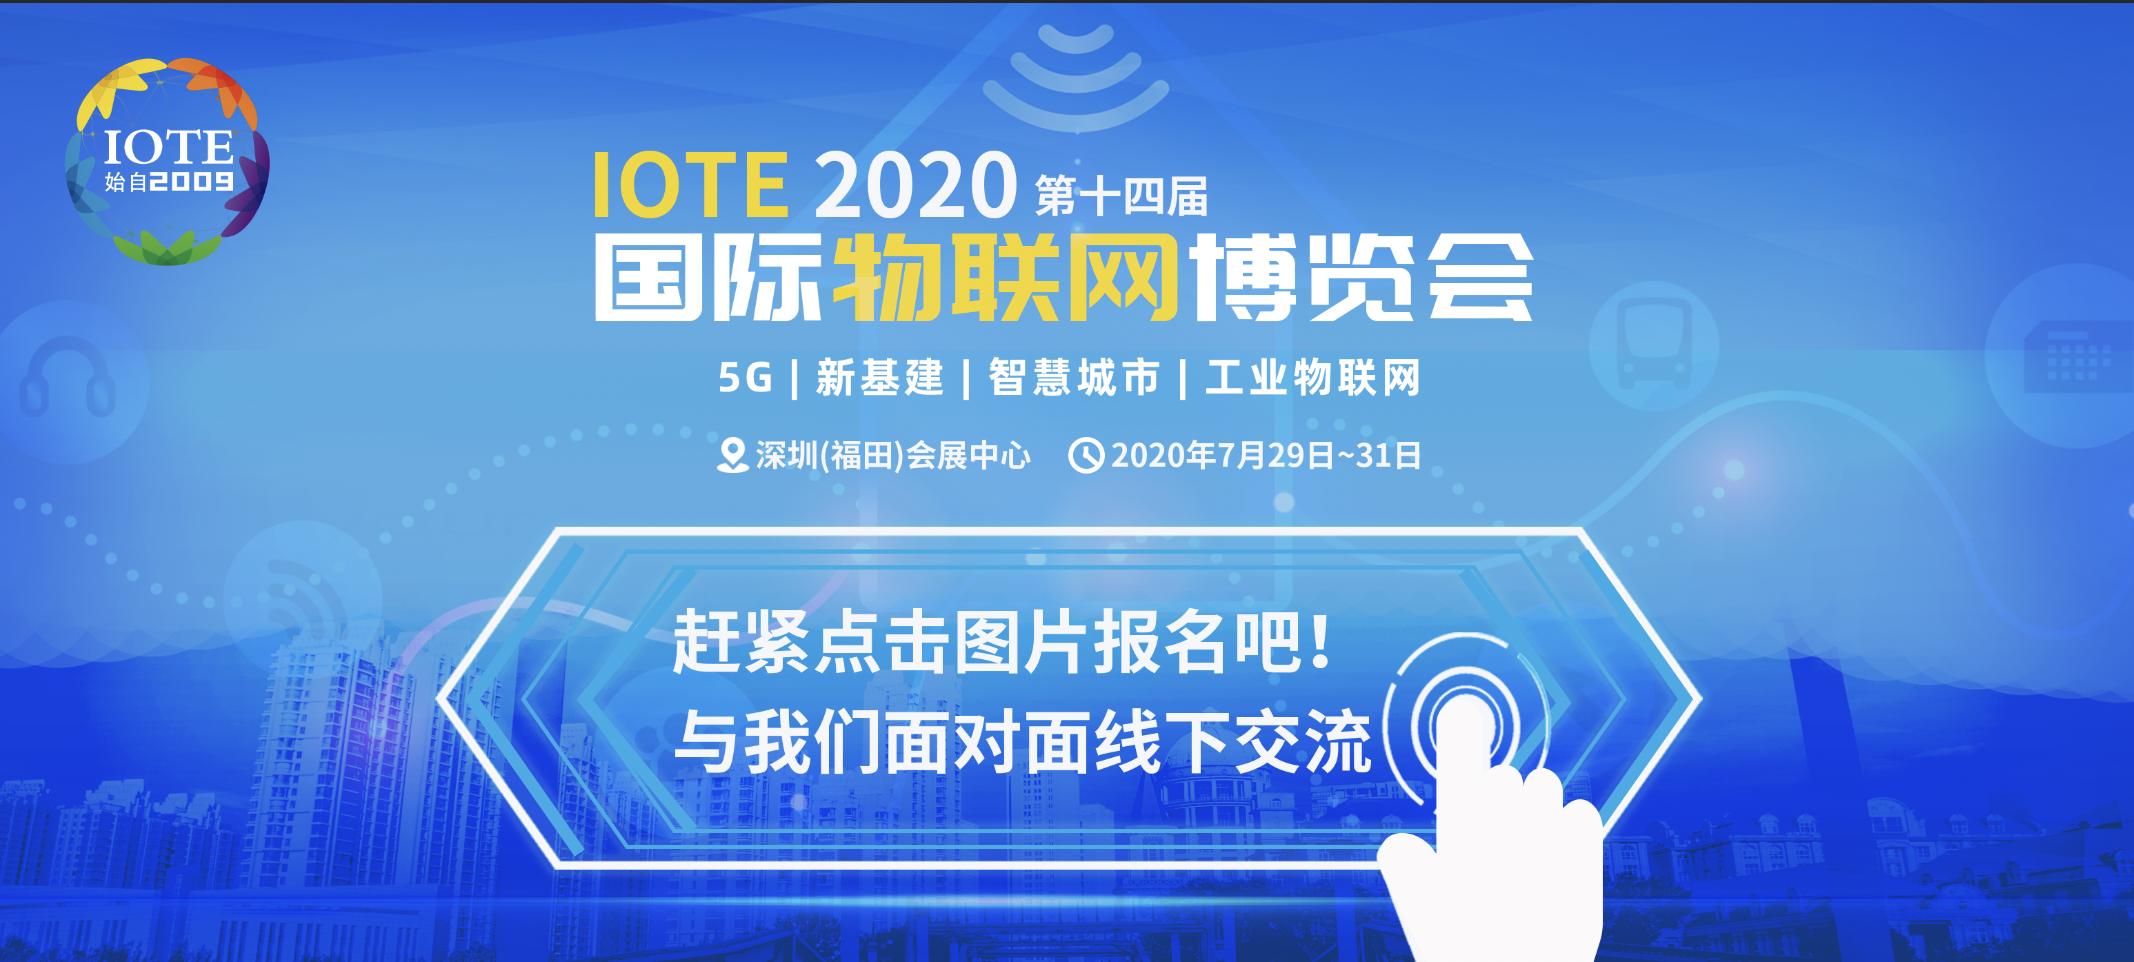 小小的ST25,大大的安全保障——意法半導體即將亮相IOTE2020深圳國際物聯網展